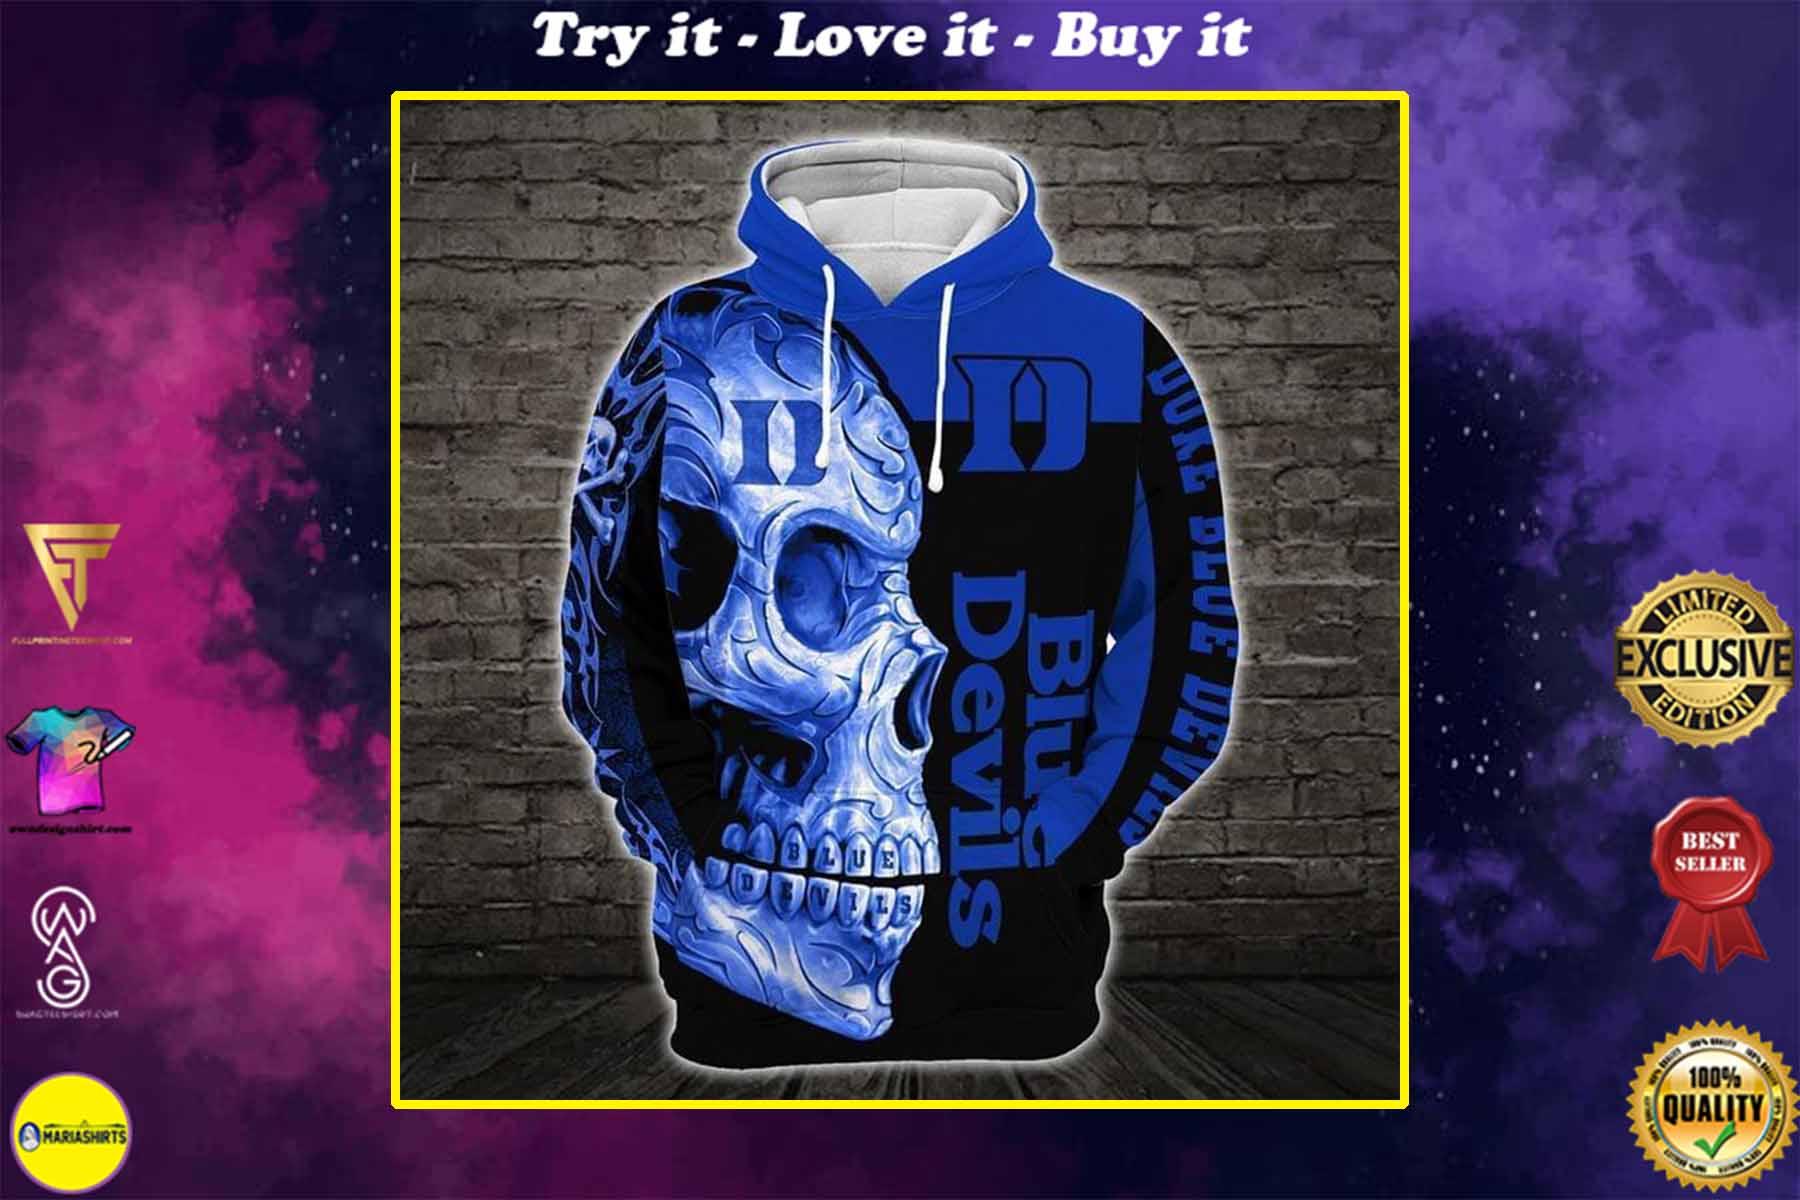 [highest selling] sugar skull duke blue devils mens basketball full over printed shirt - maria